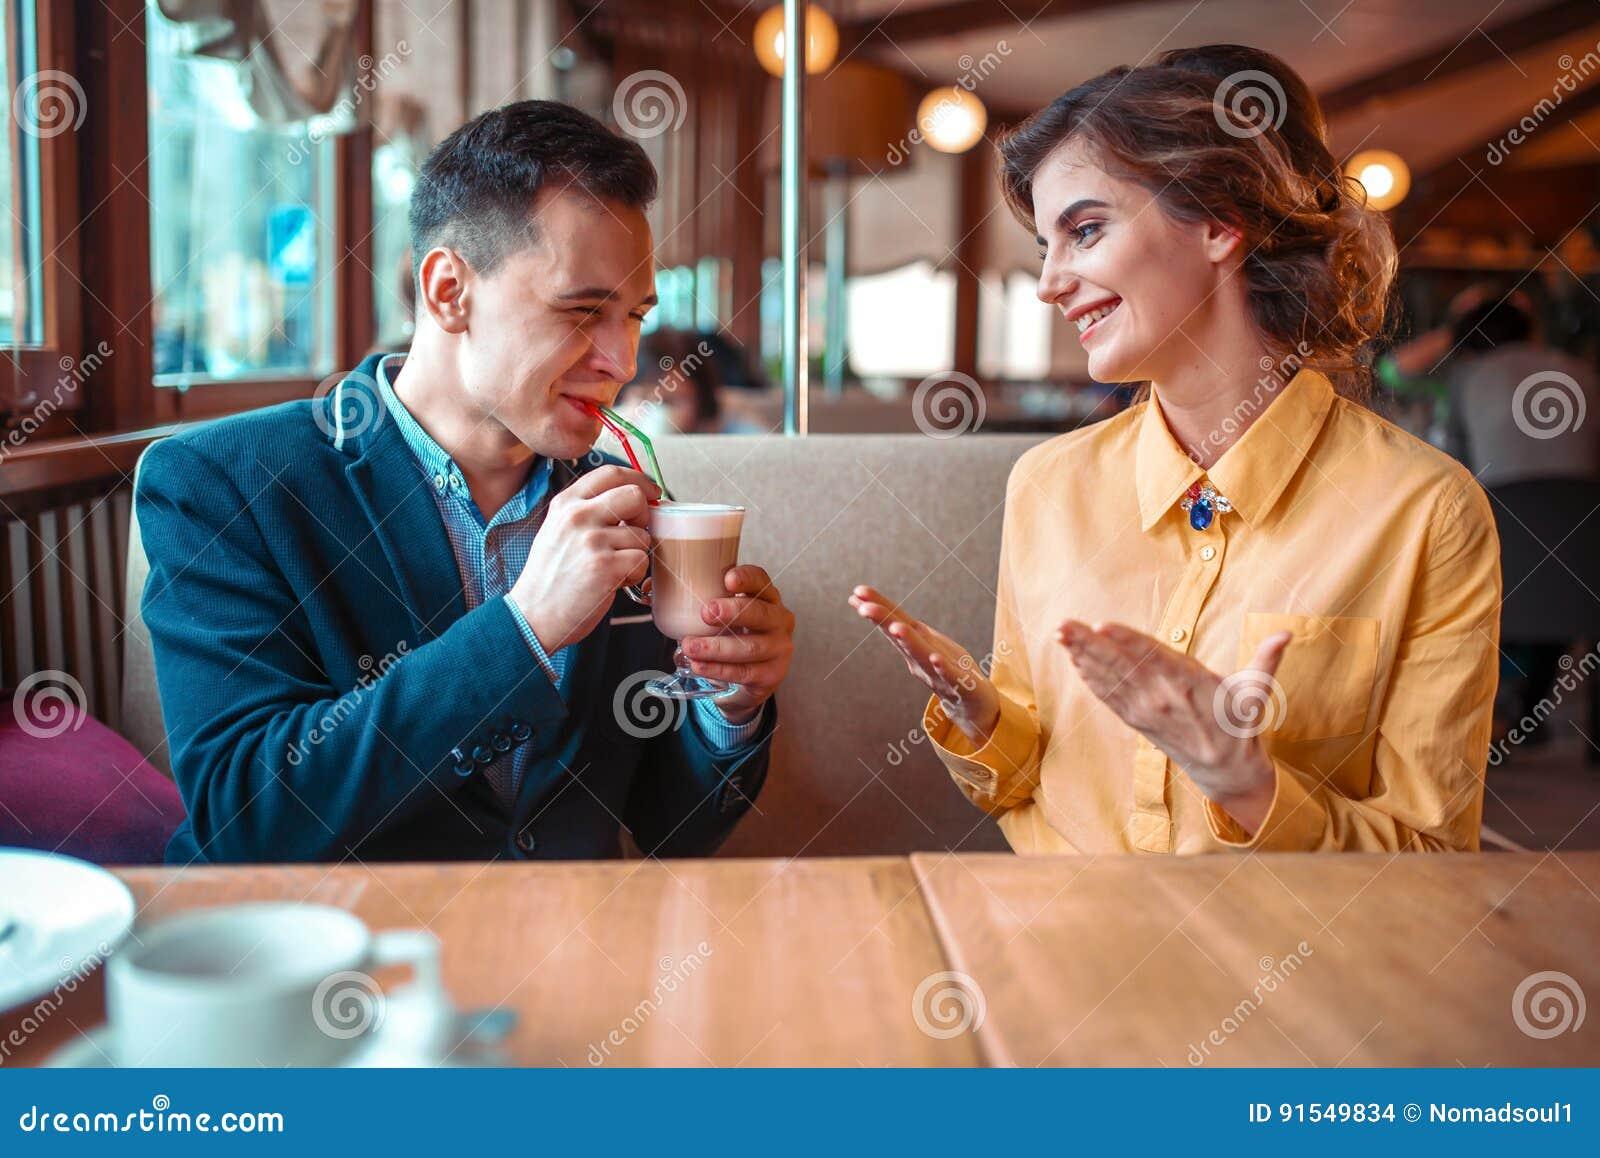 L uomo beve un cocktail da paglia contro la donna